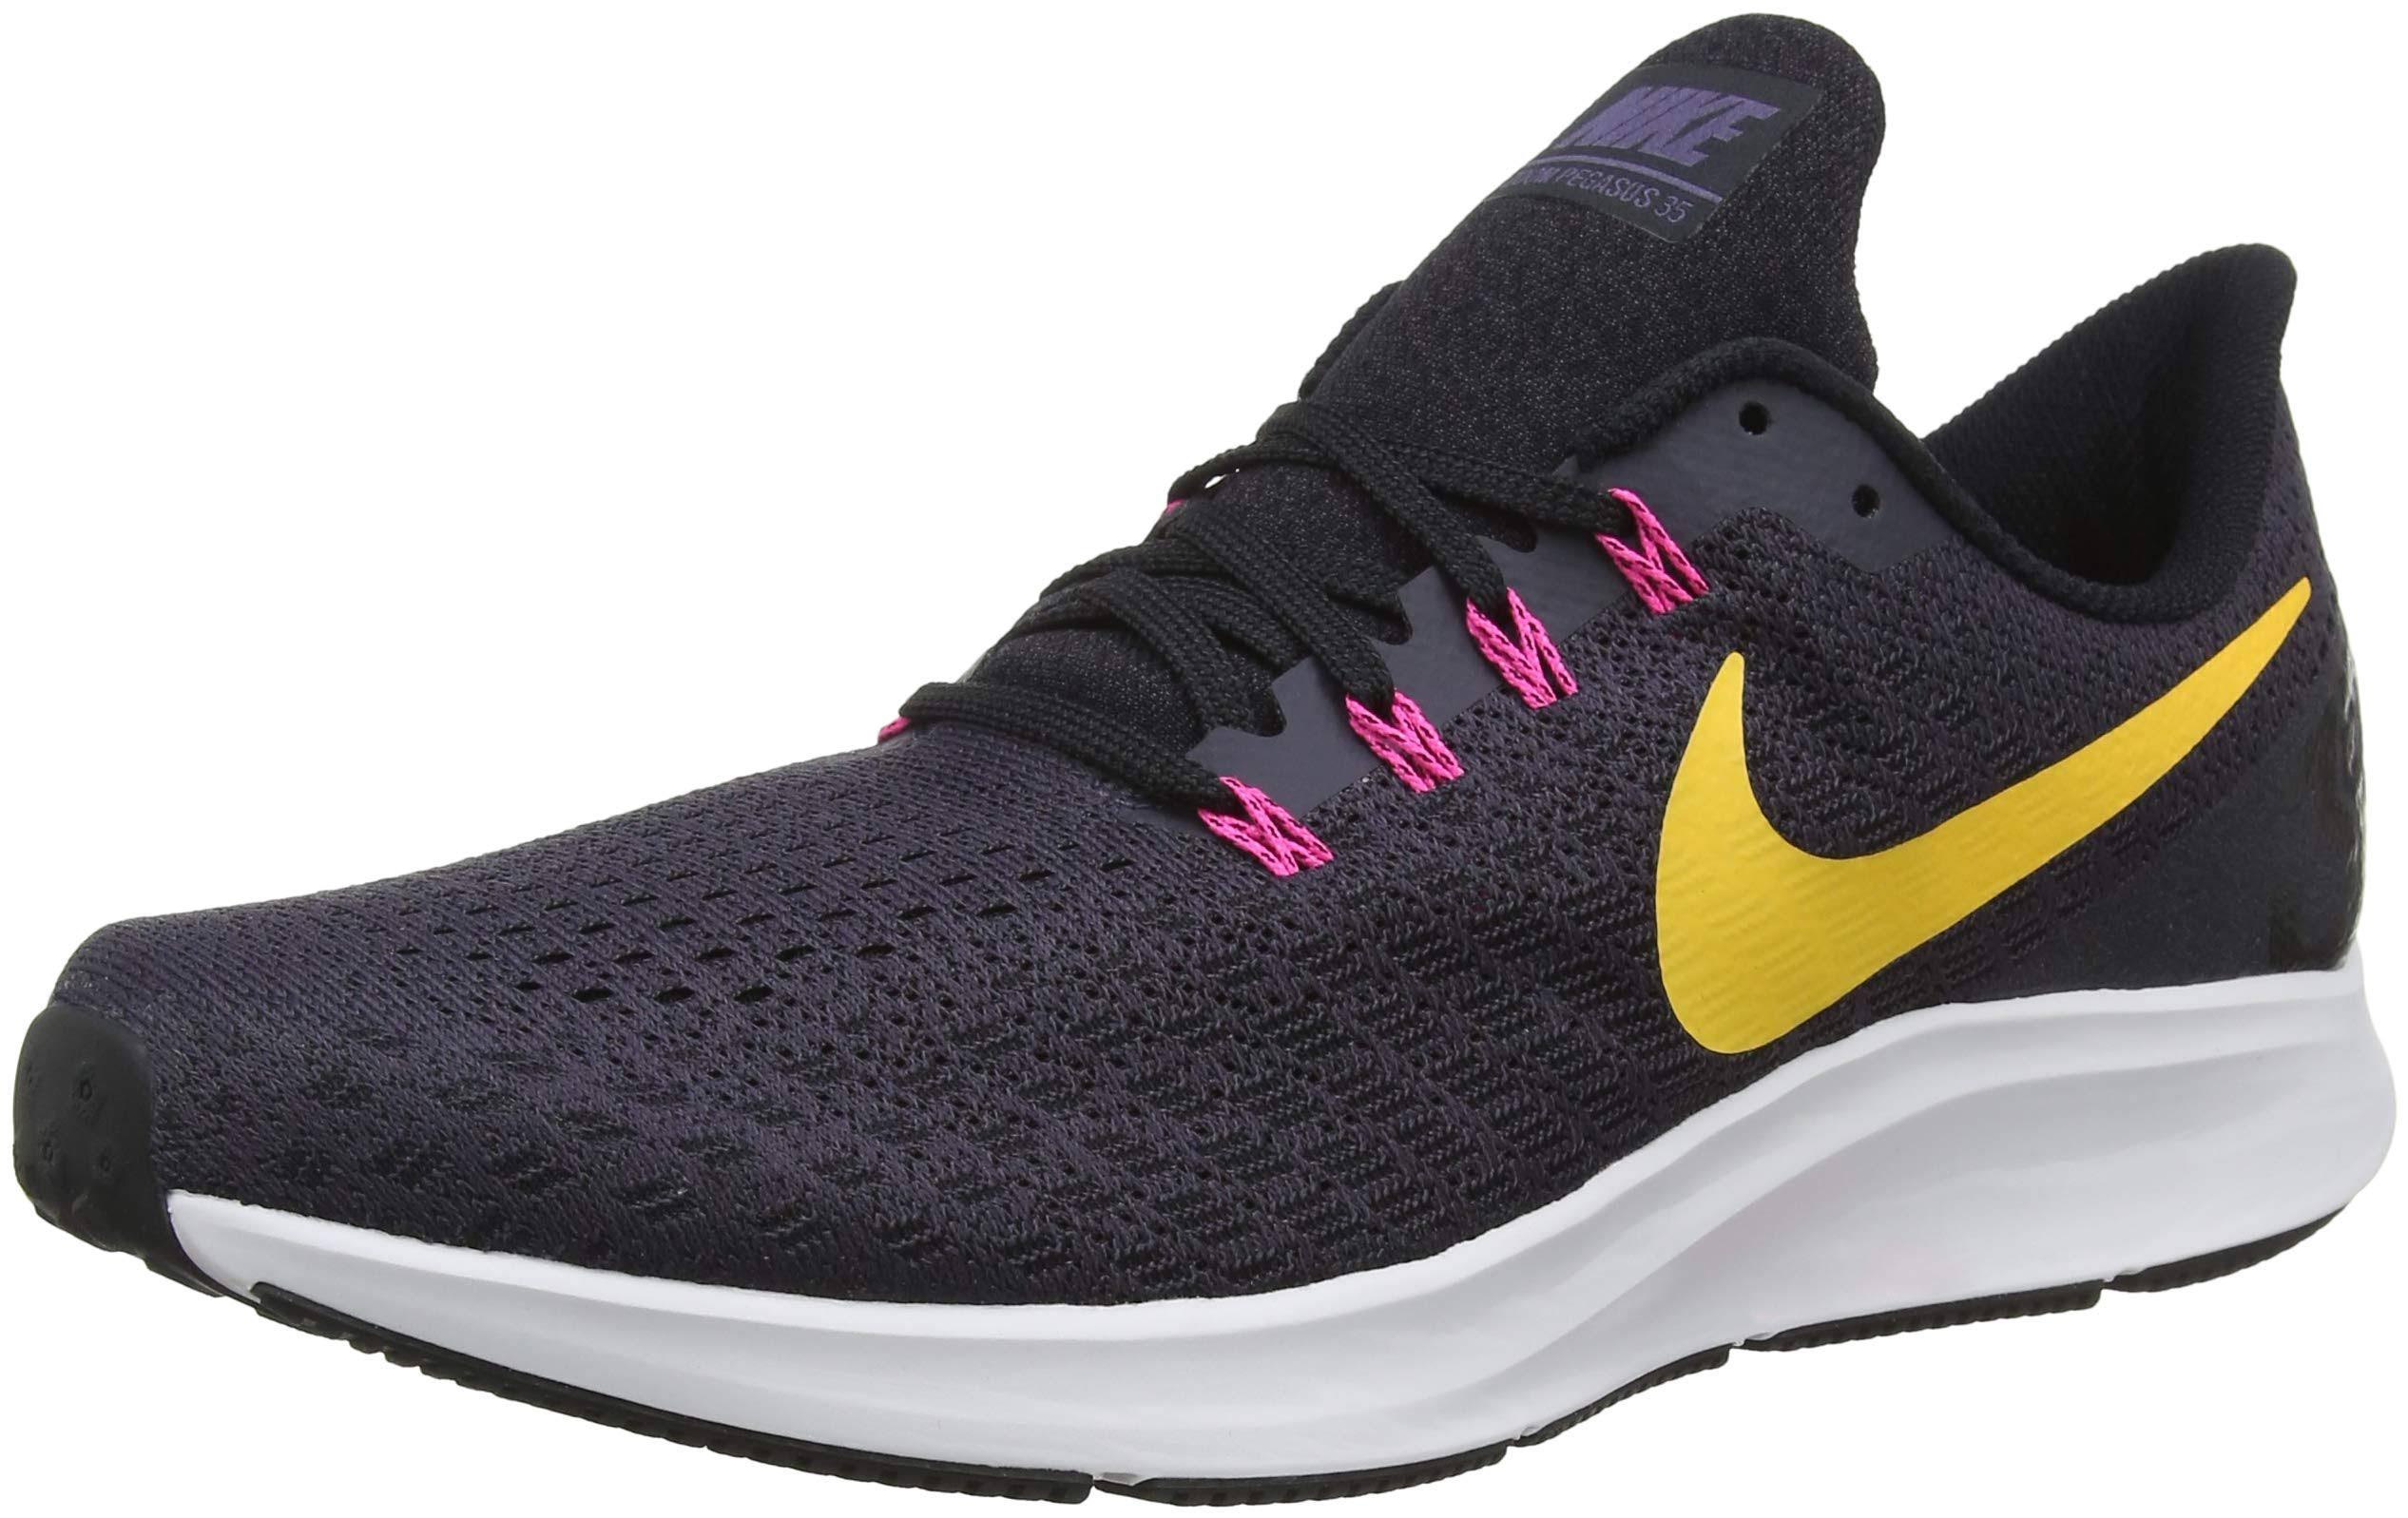 Pegasus 5 Nike 11 Für Iron Laser schwarz Größe Air Grid Zoom Herren Sneakers Rost Orange TrETwFqx